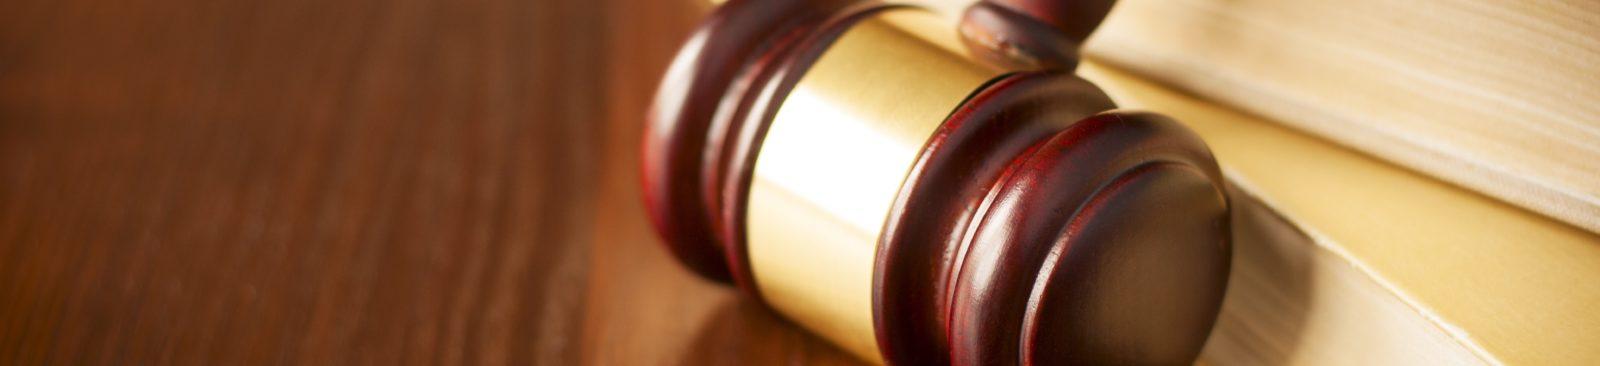 Rechtschutzversicherung CeliMar